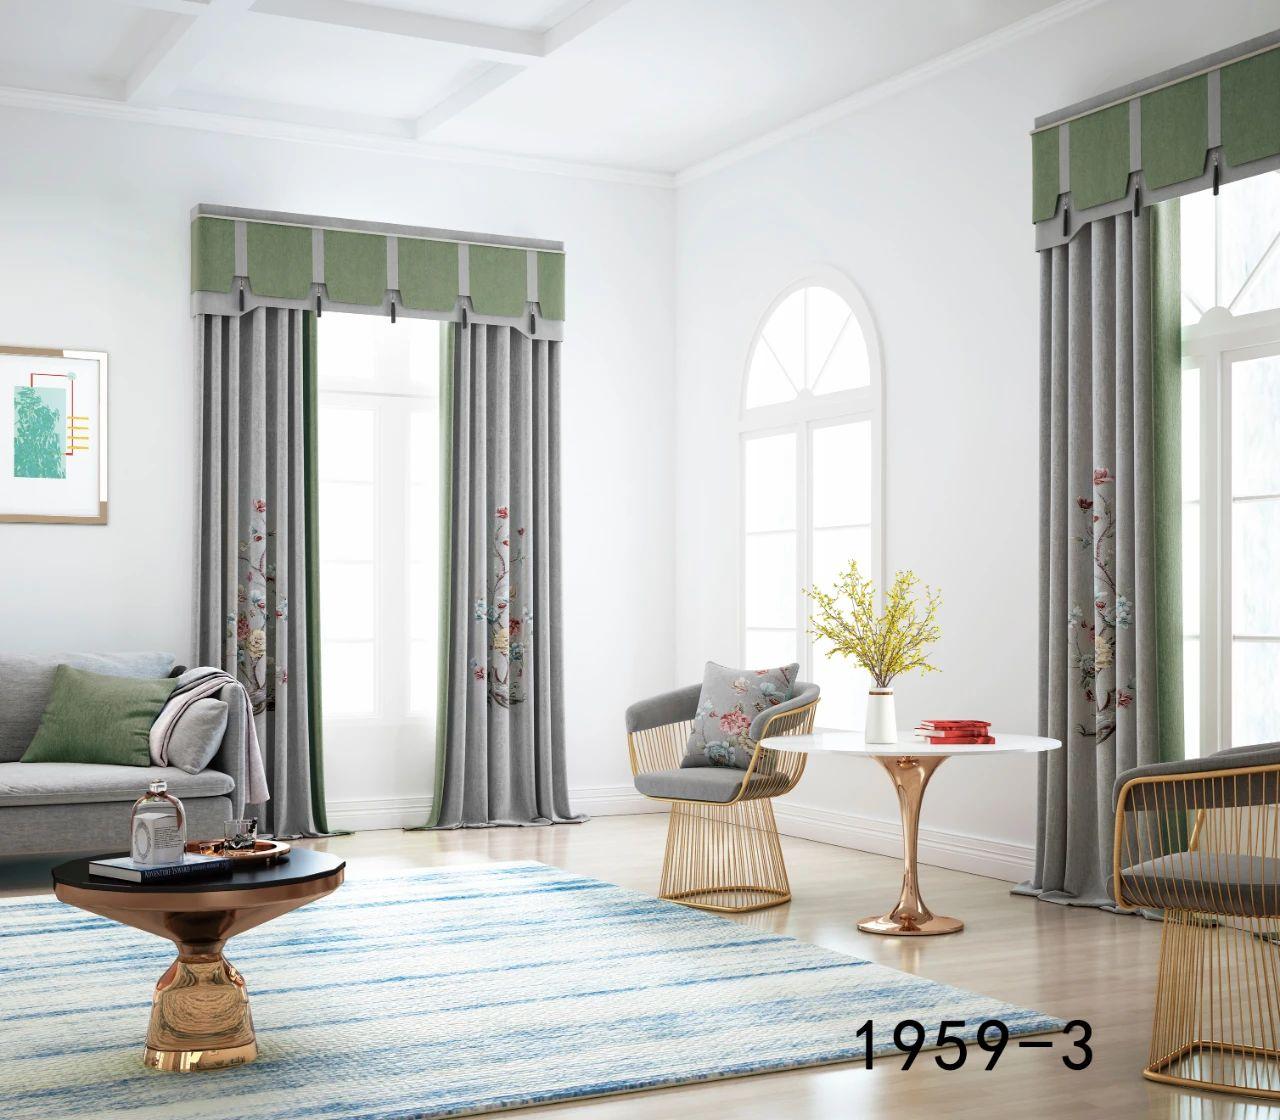 窗帘,完美家居的一块重要拼图